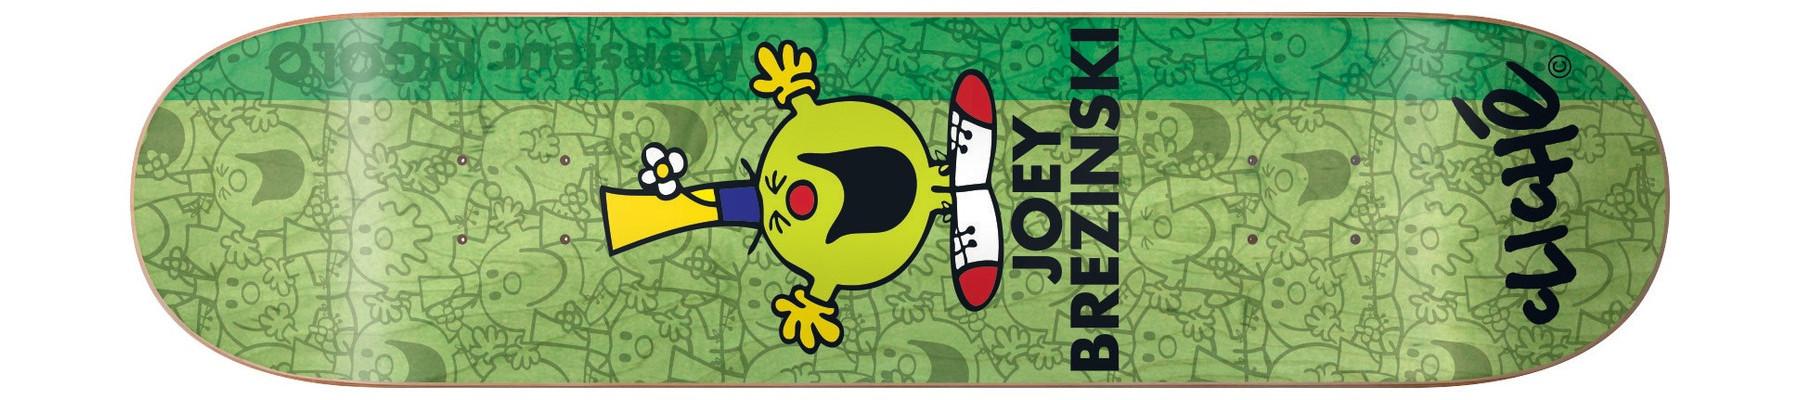 Cliche PRO Brezinski Monsieur R7 8.25